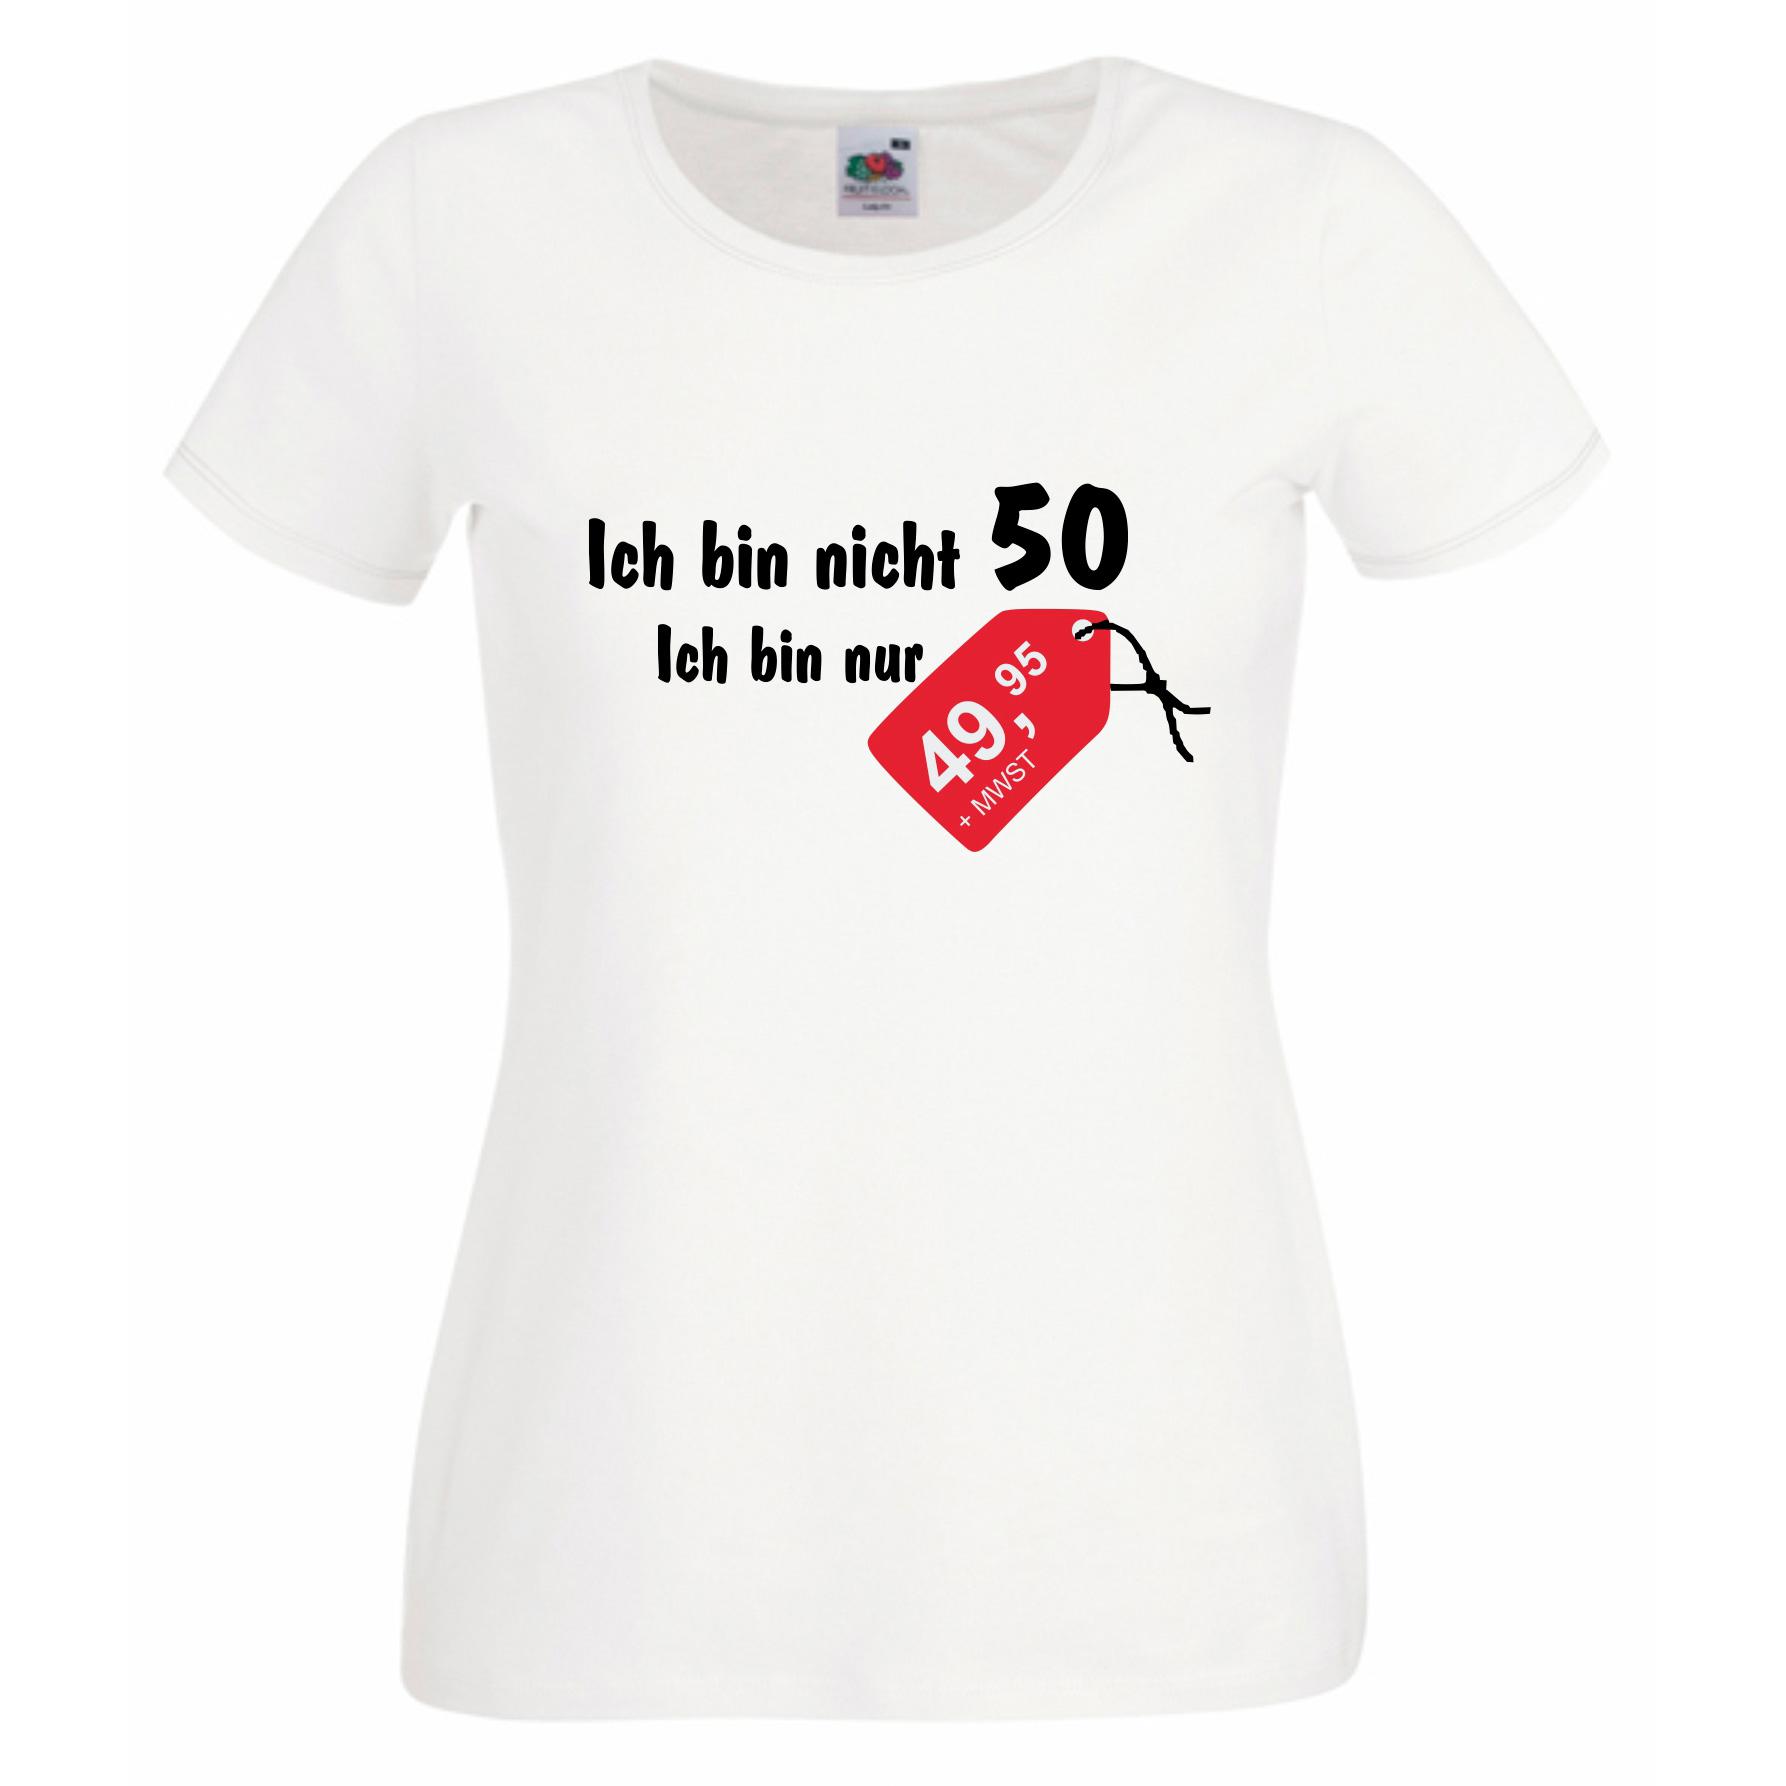 damen t shirt geburtstag ich bin nicht 50 nur 49 95. Black Bedroom Furniture Sets. Home Design Ideas